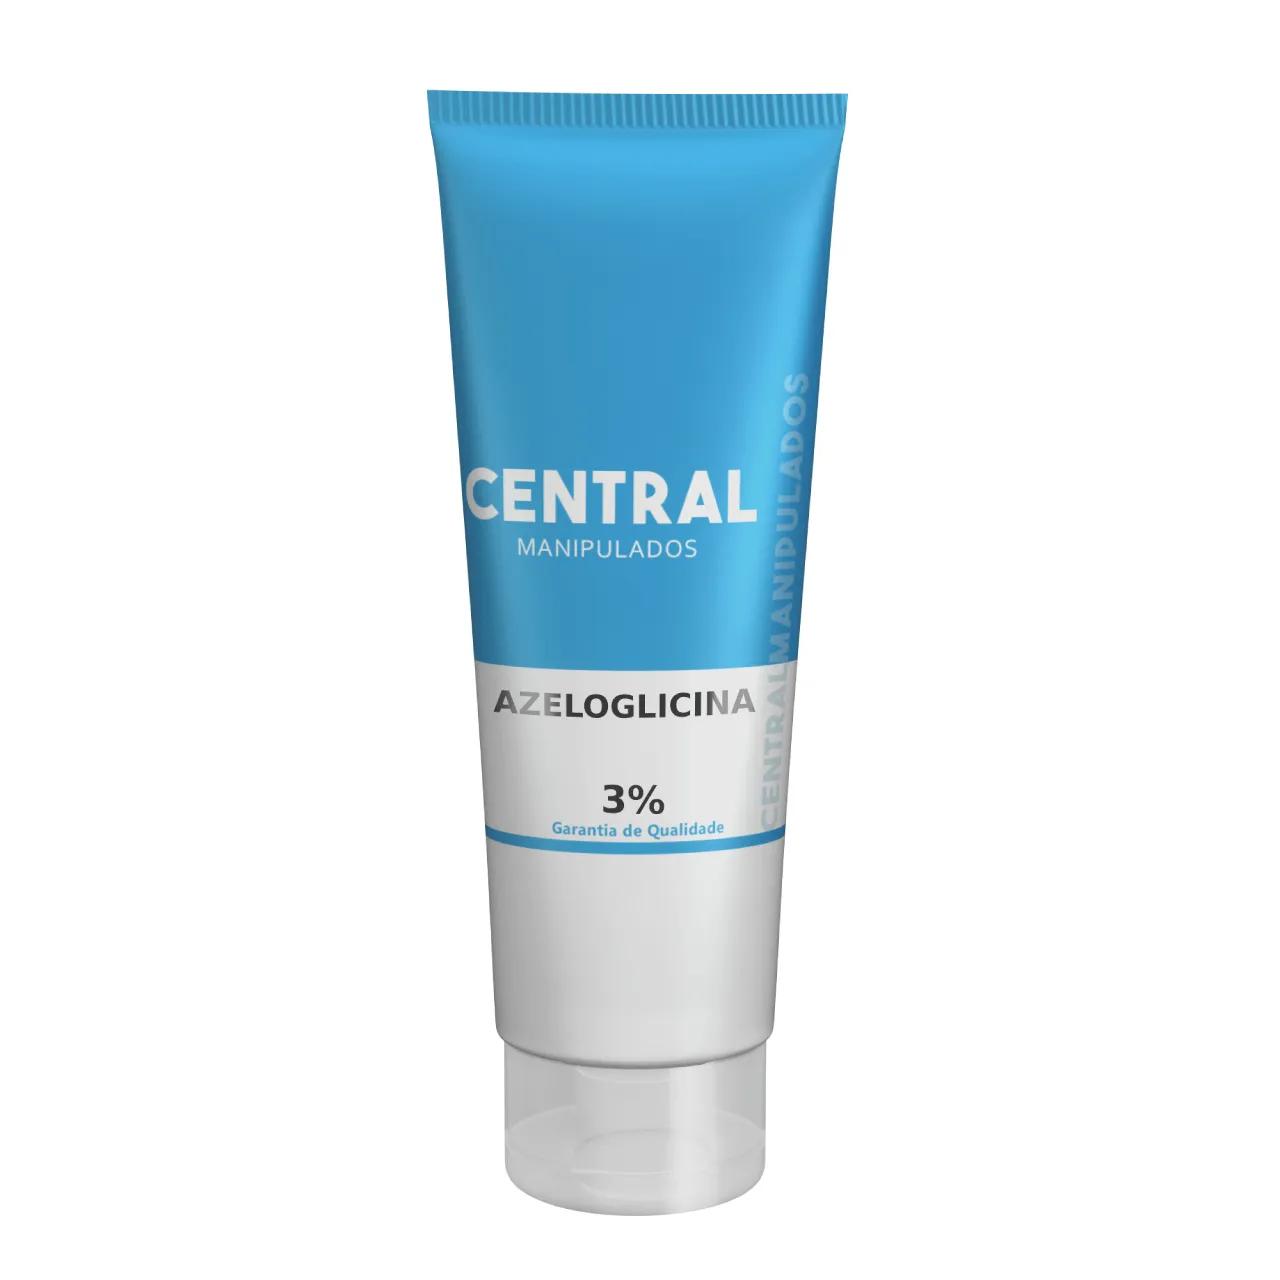 Azeloglicina 3% - Creme 30g - Clareador de Axilas e Virilhas, Remove Manchas, Melhora a Aparência da Pele